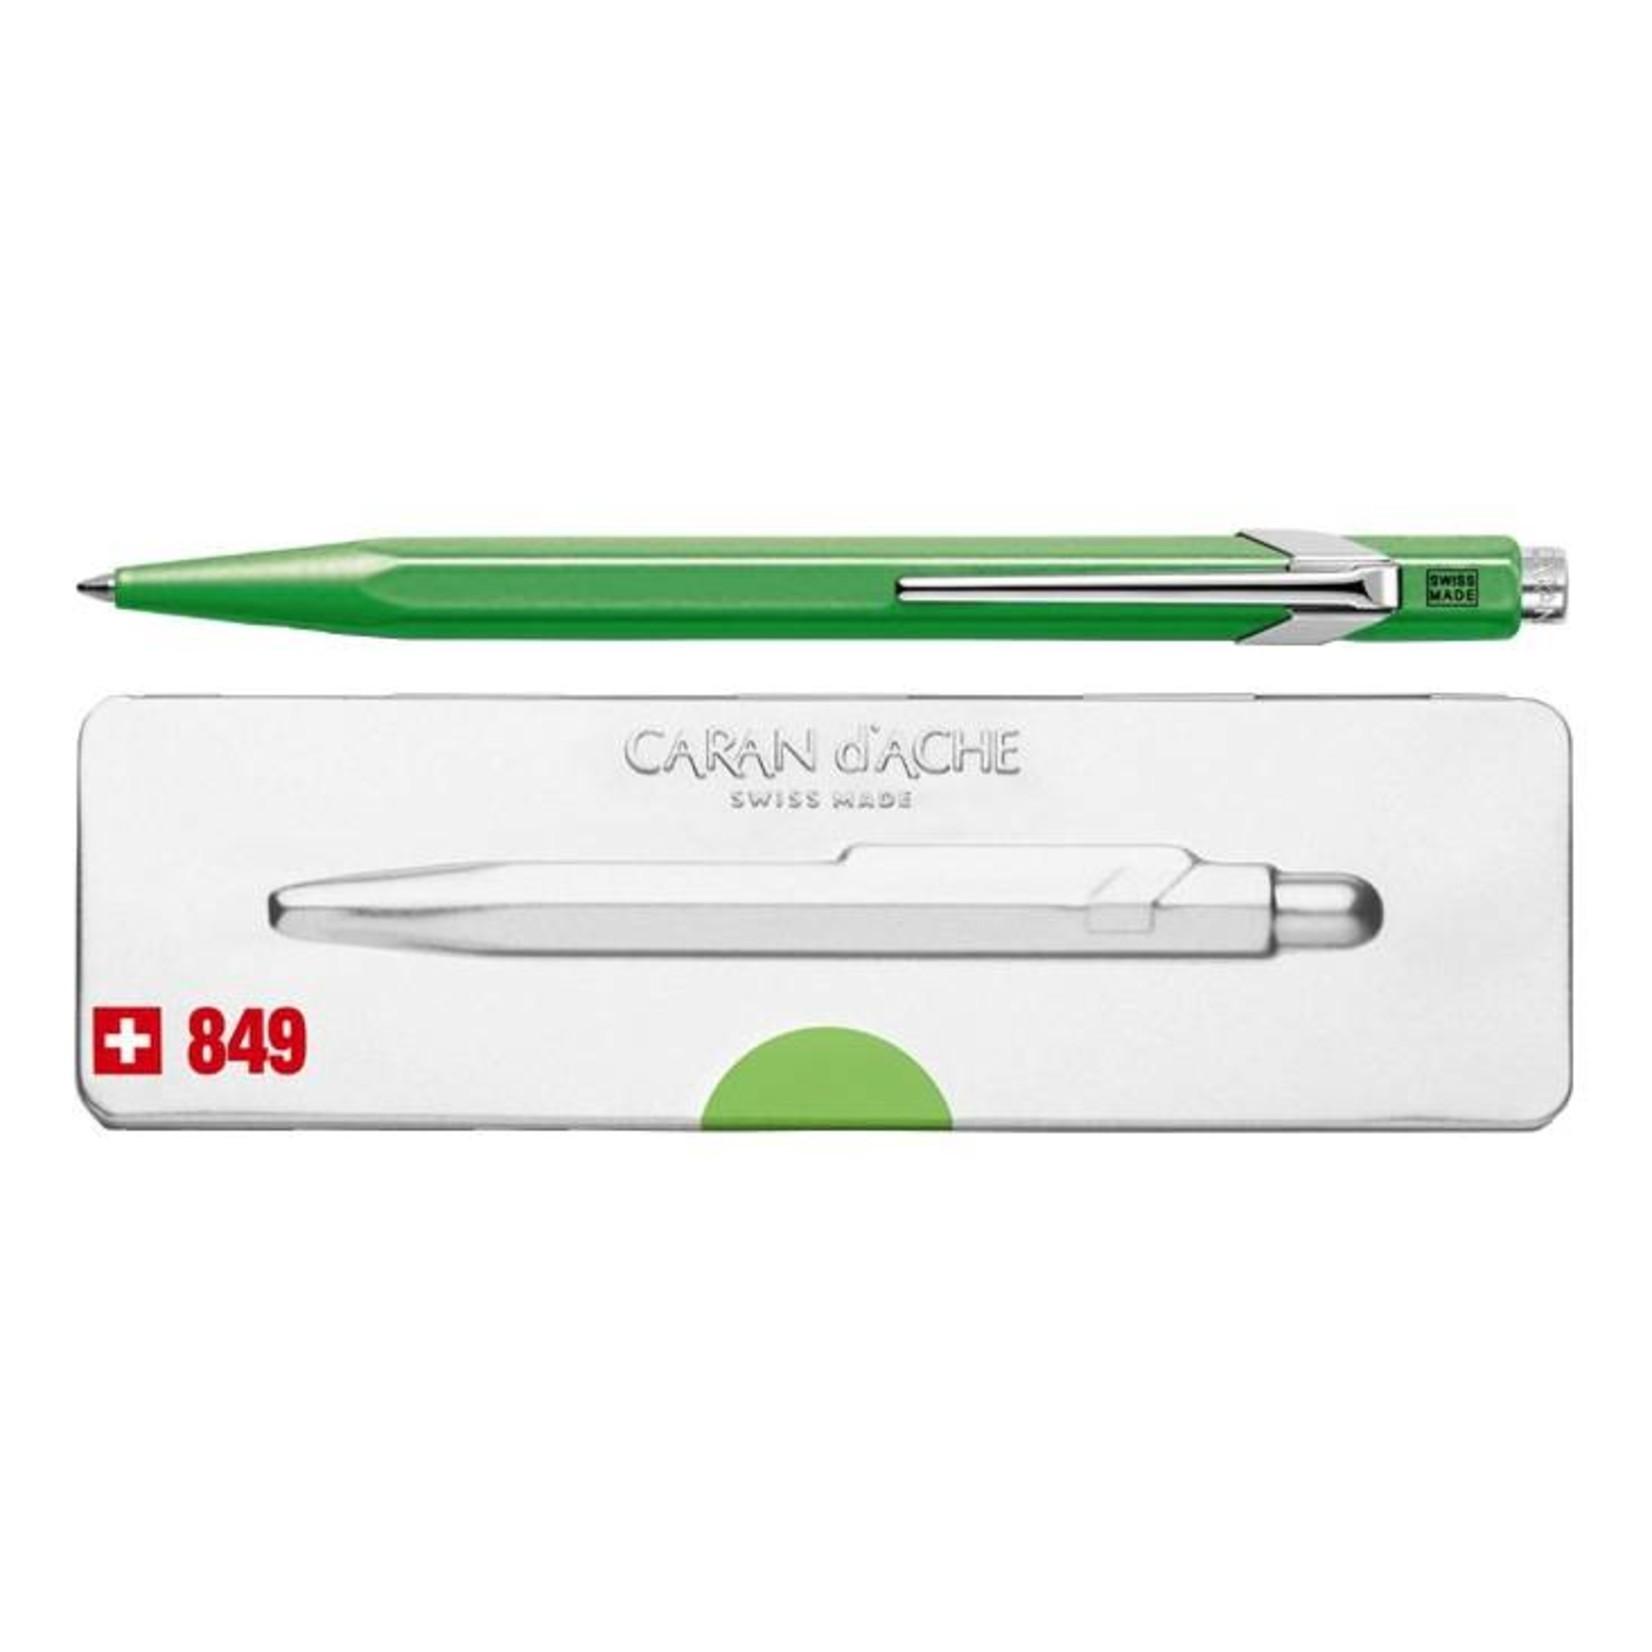 Caran d'Ache 849 Pop Line Kugelschreiber mit Etui, grün